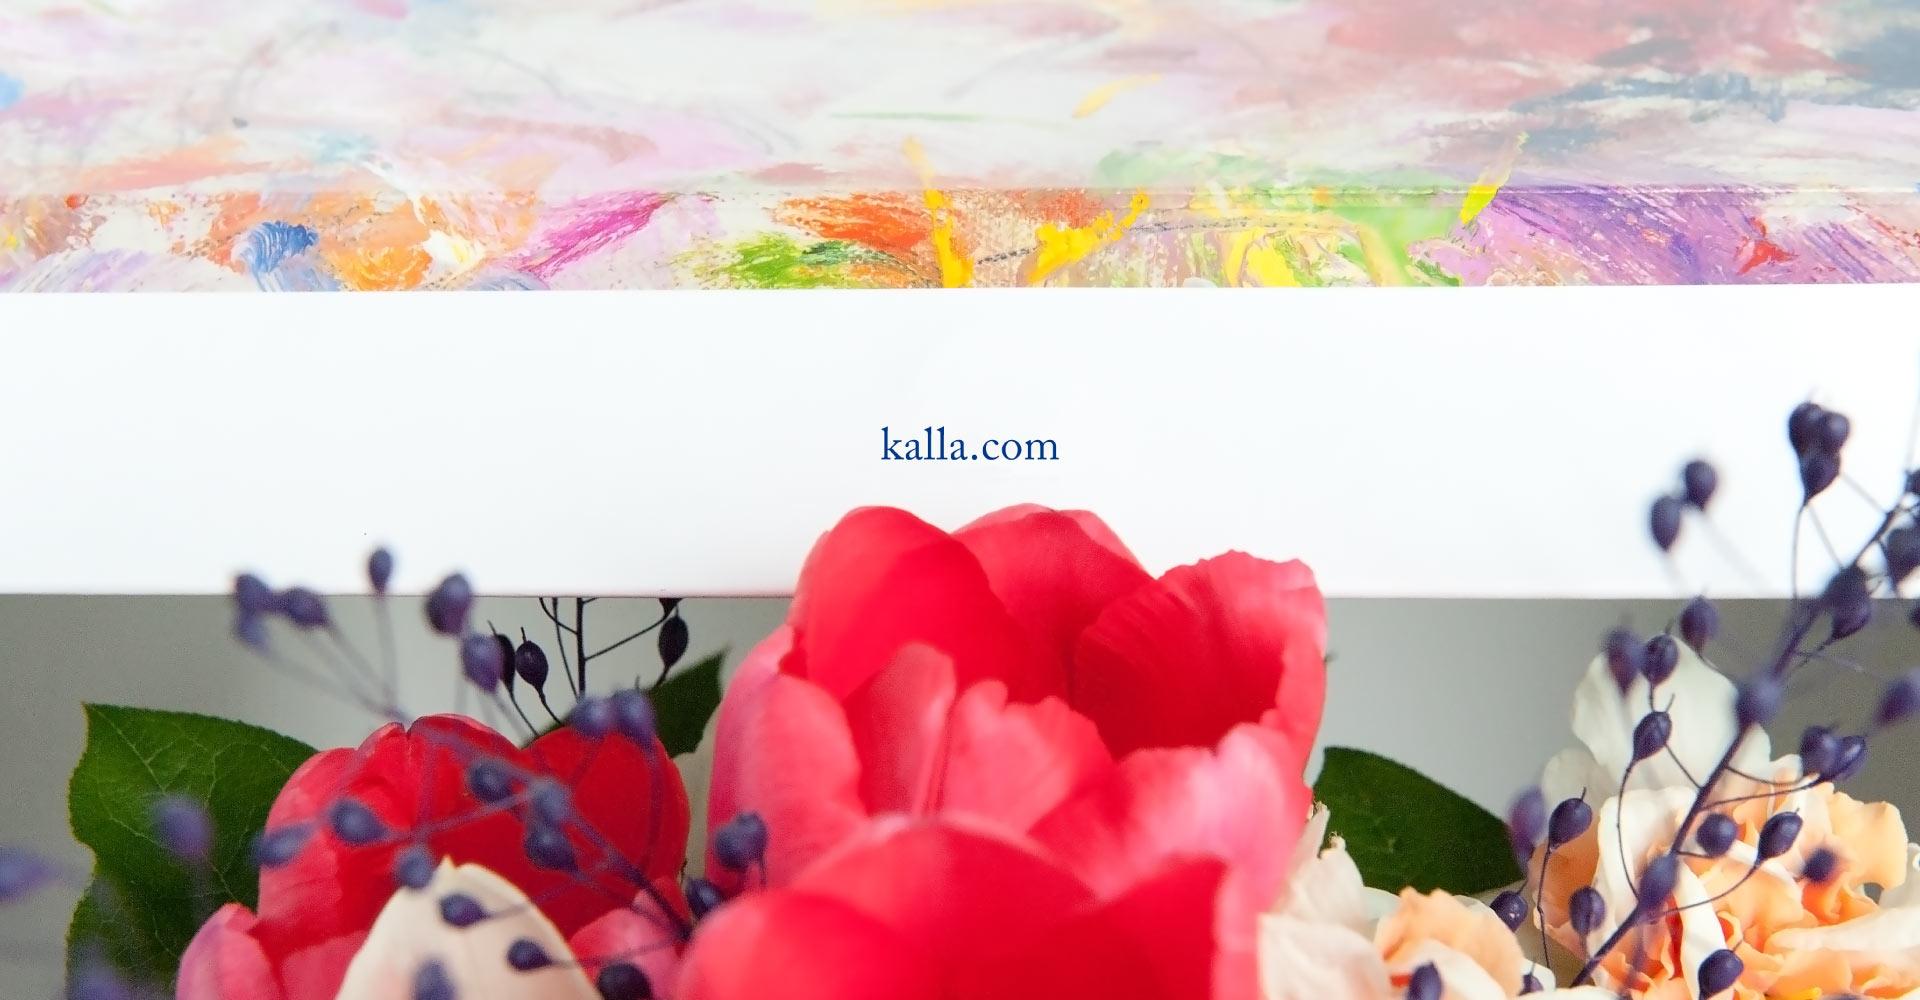 Creative_Retail_Packaging_PackageDesign_Custom_Kalla_04-1.jpg